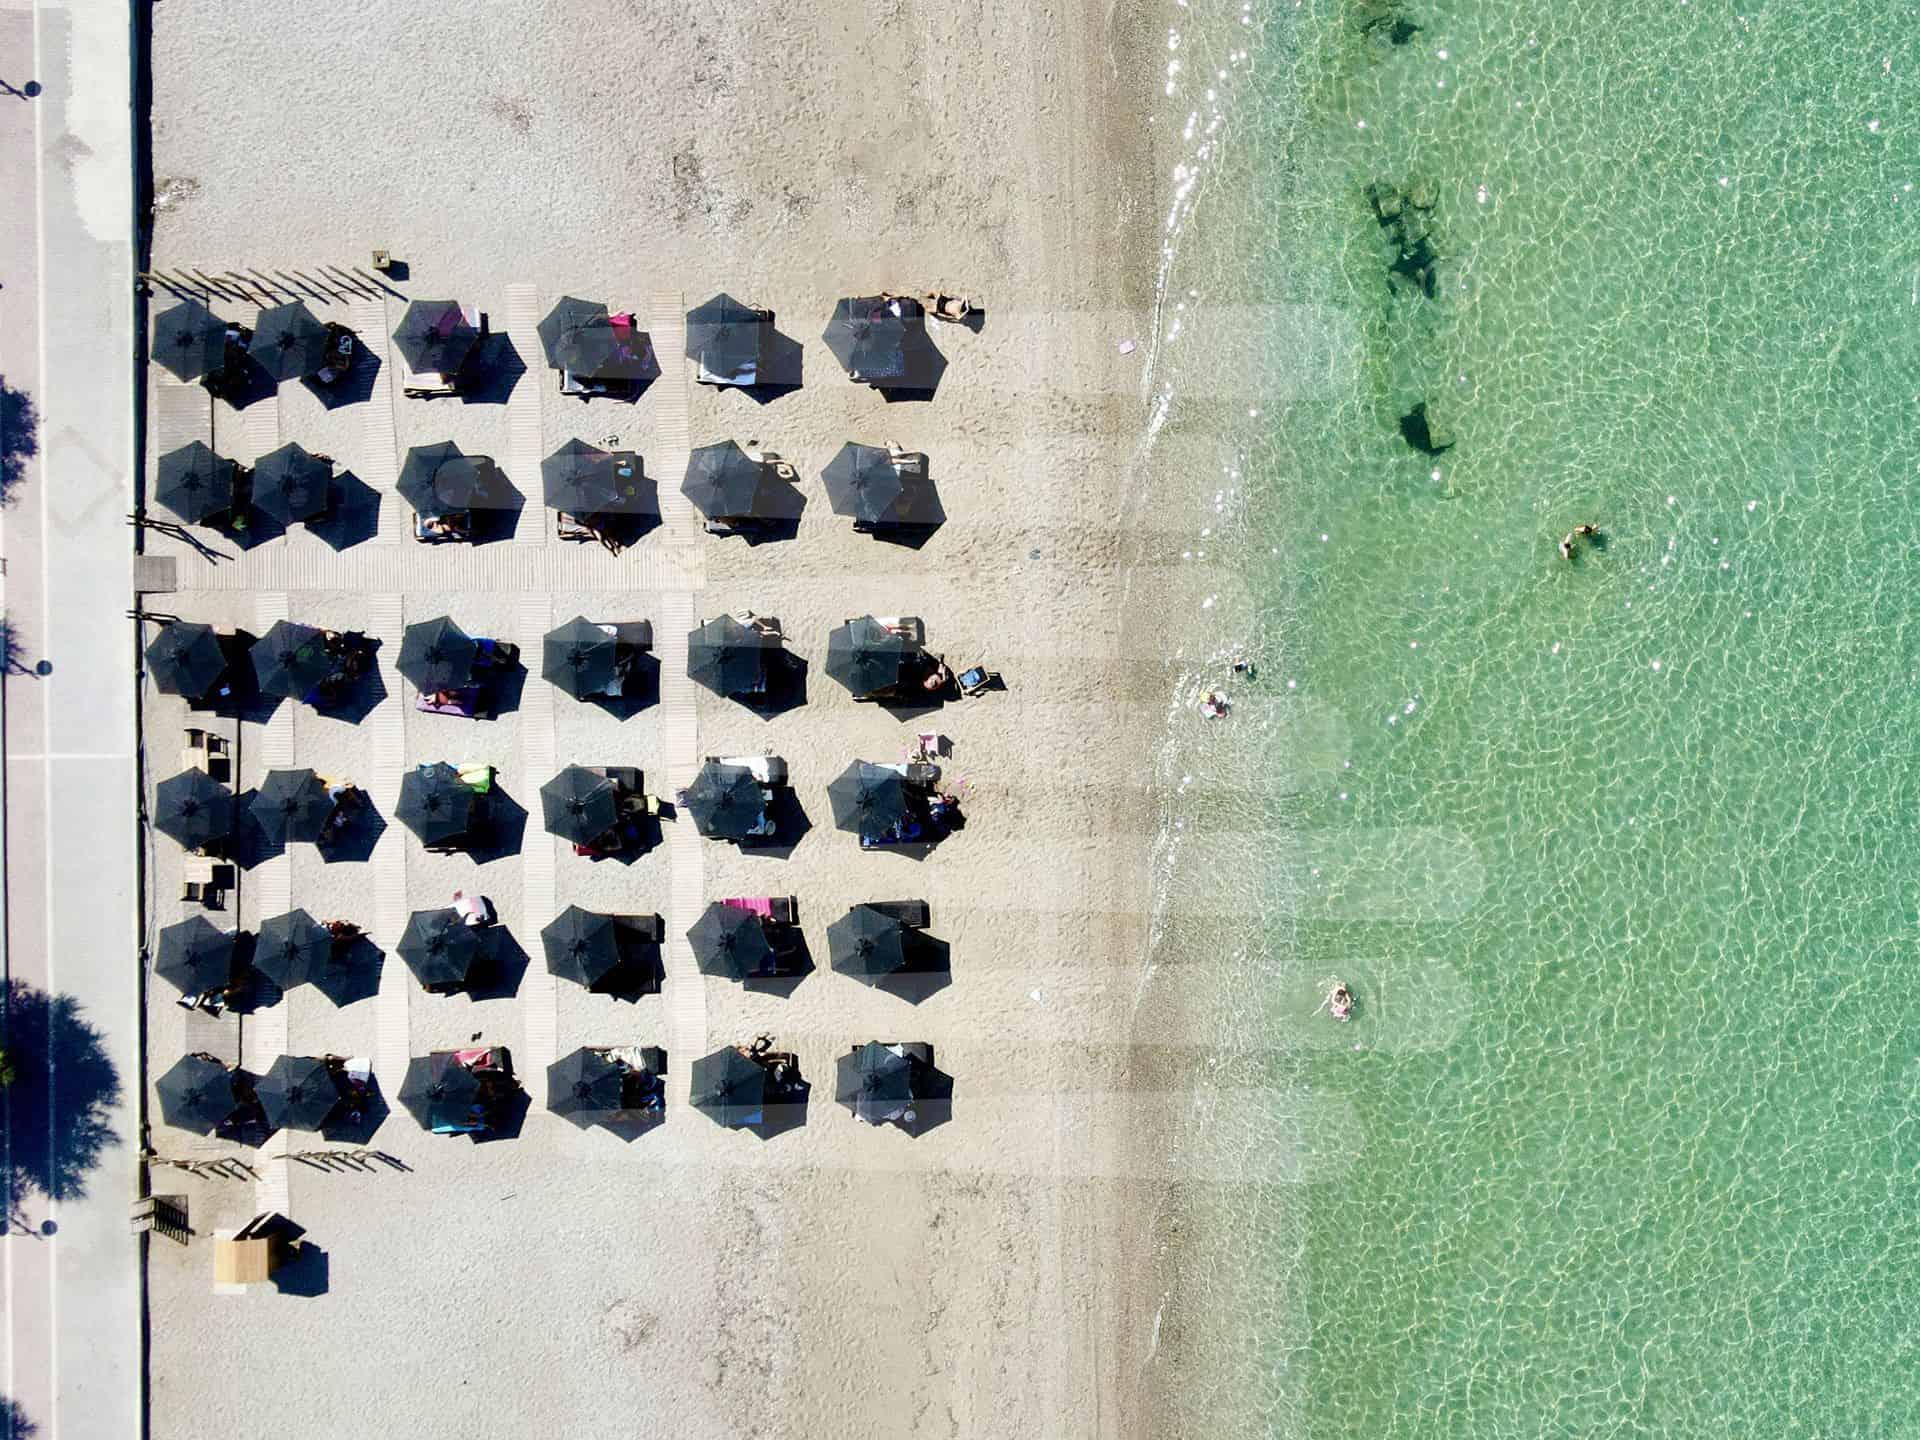 Ομπρέλα Τύπου Παραλίας Sole Ενισχυμένη Ελαφρού Τύπου - Εφαρμογές - Συστηματα Σκιασης & Προστασιας Sunblock